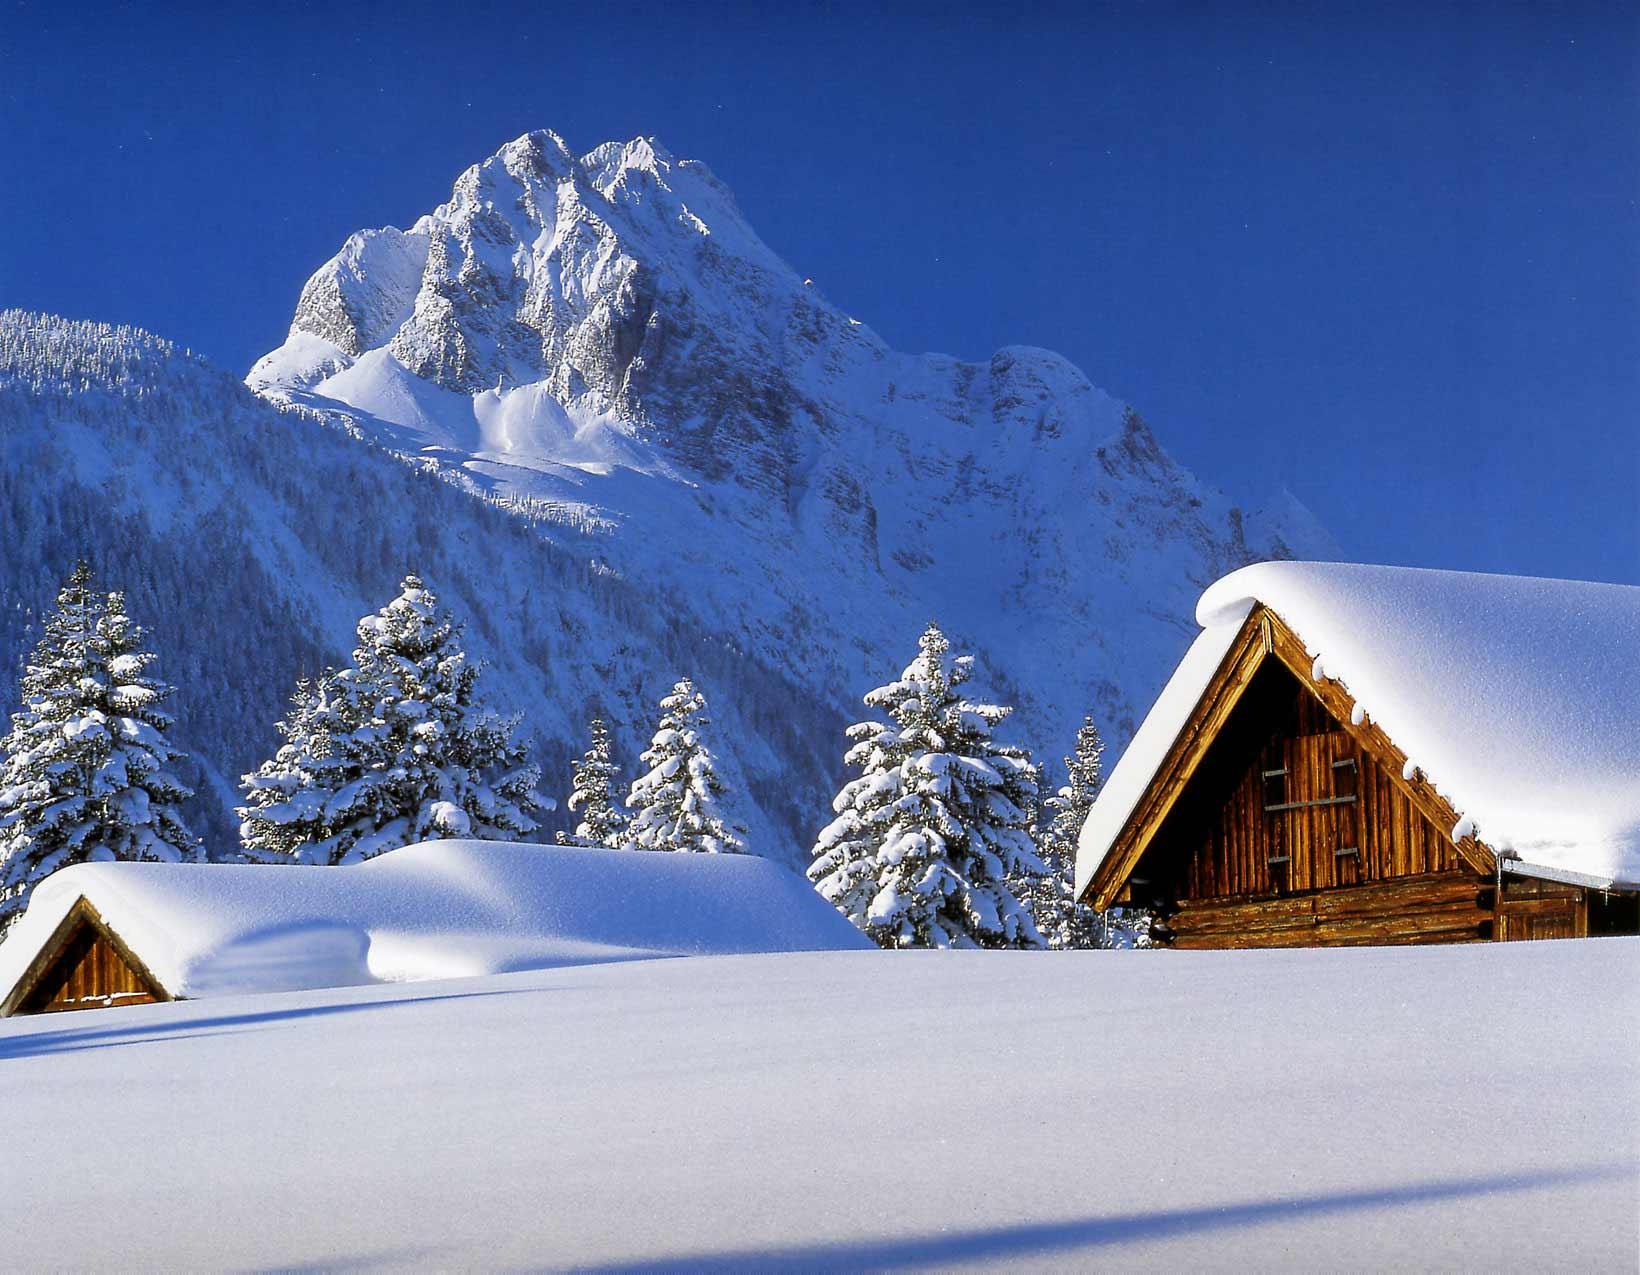 snow winter wallpaper 2015   Grasscloth Wallpaper 1640x1275